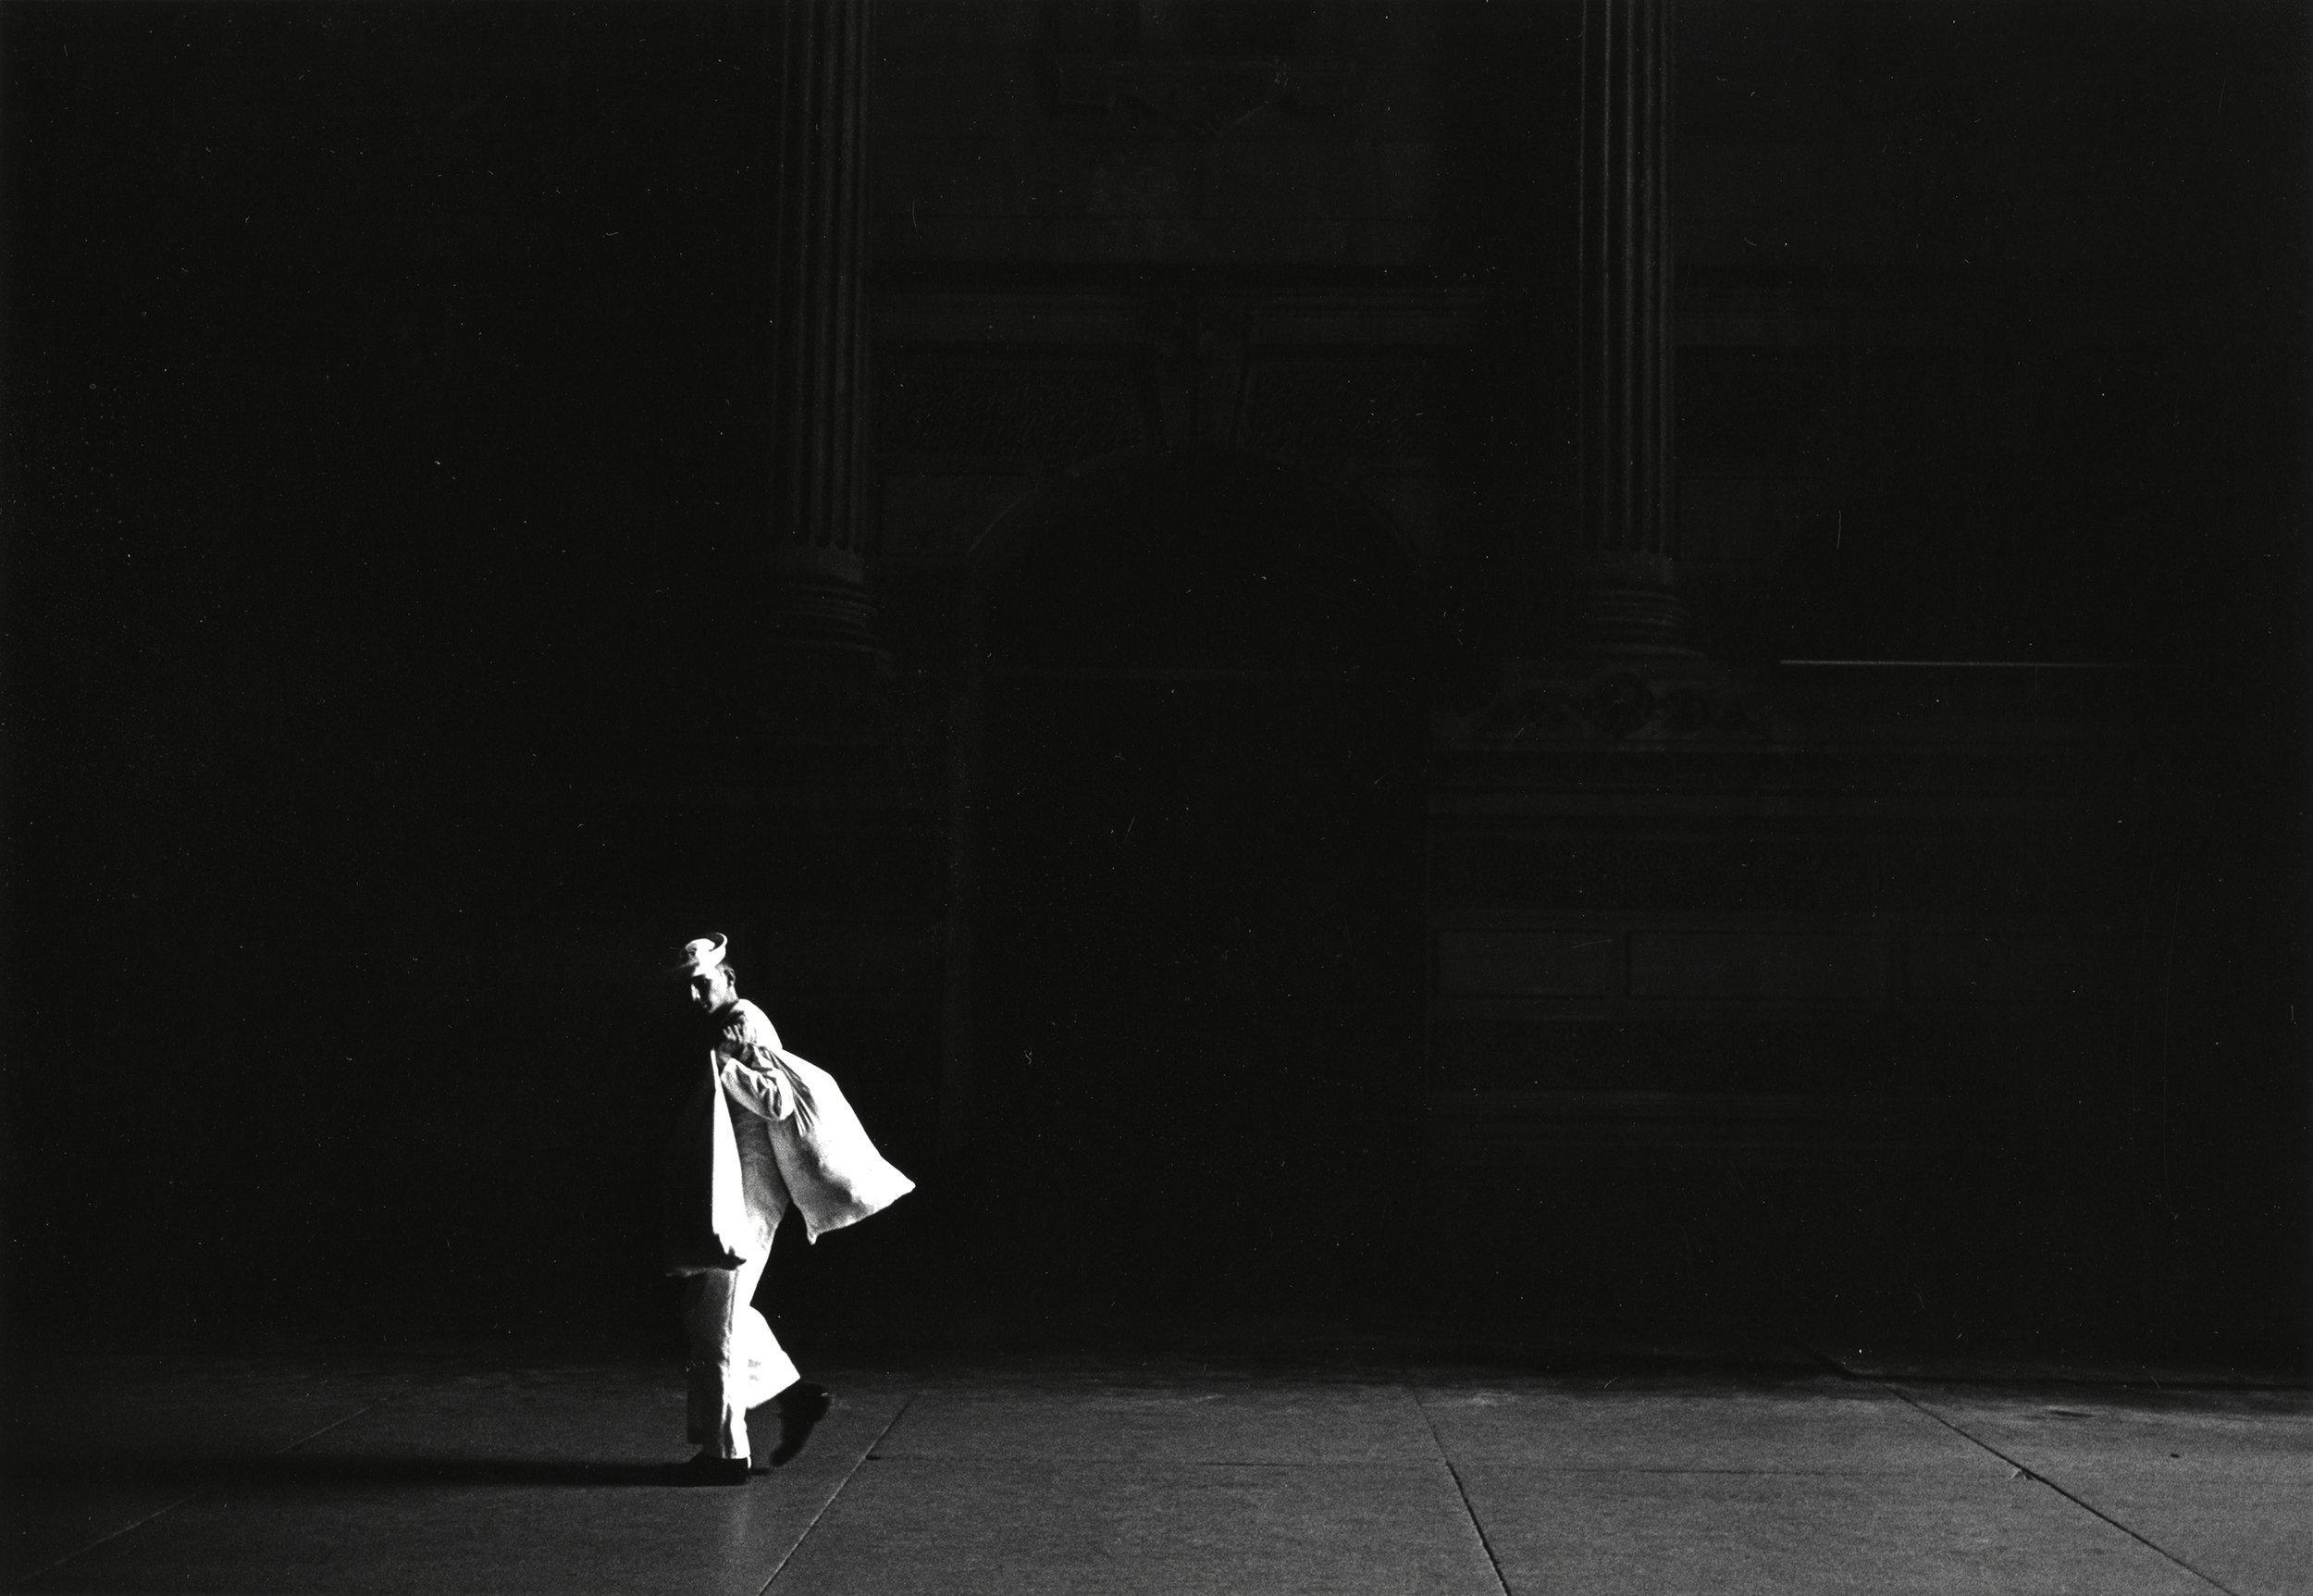 Metzker_Philadelphia, 1963.jpg